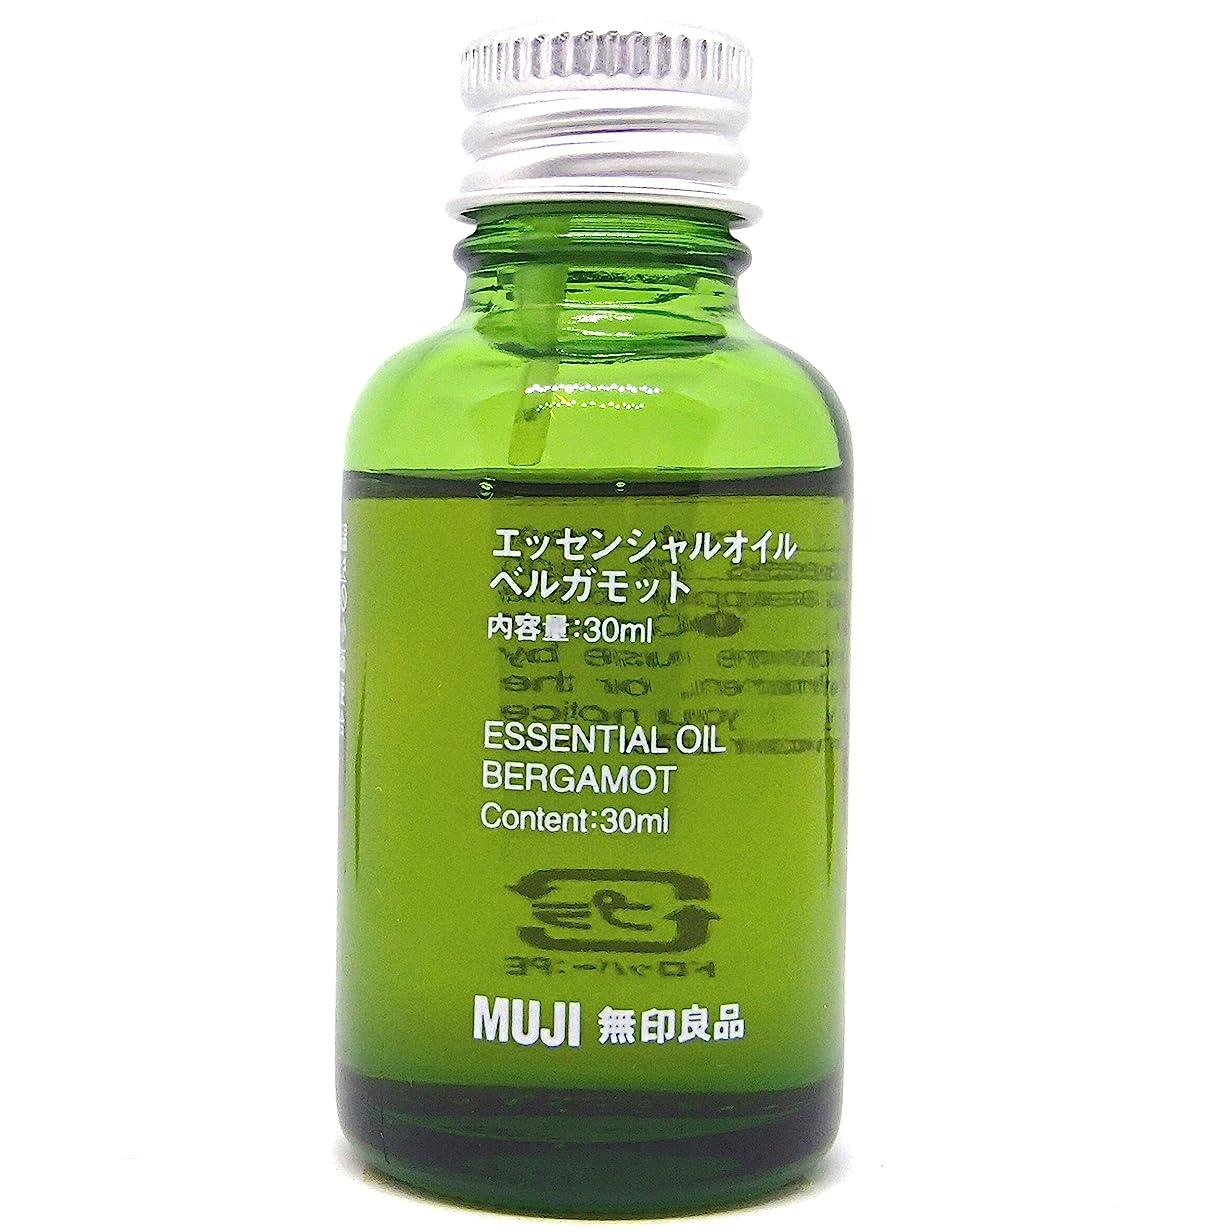 模索ペッカディロこんにちは【無印良品】エッセンシャルオイル30ml(ベルガモット)